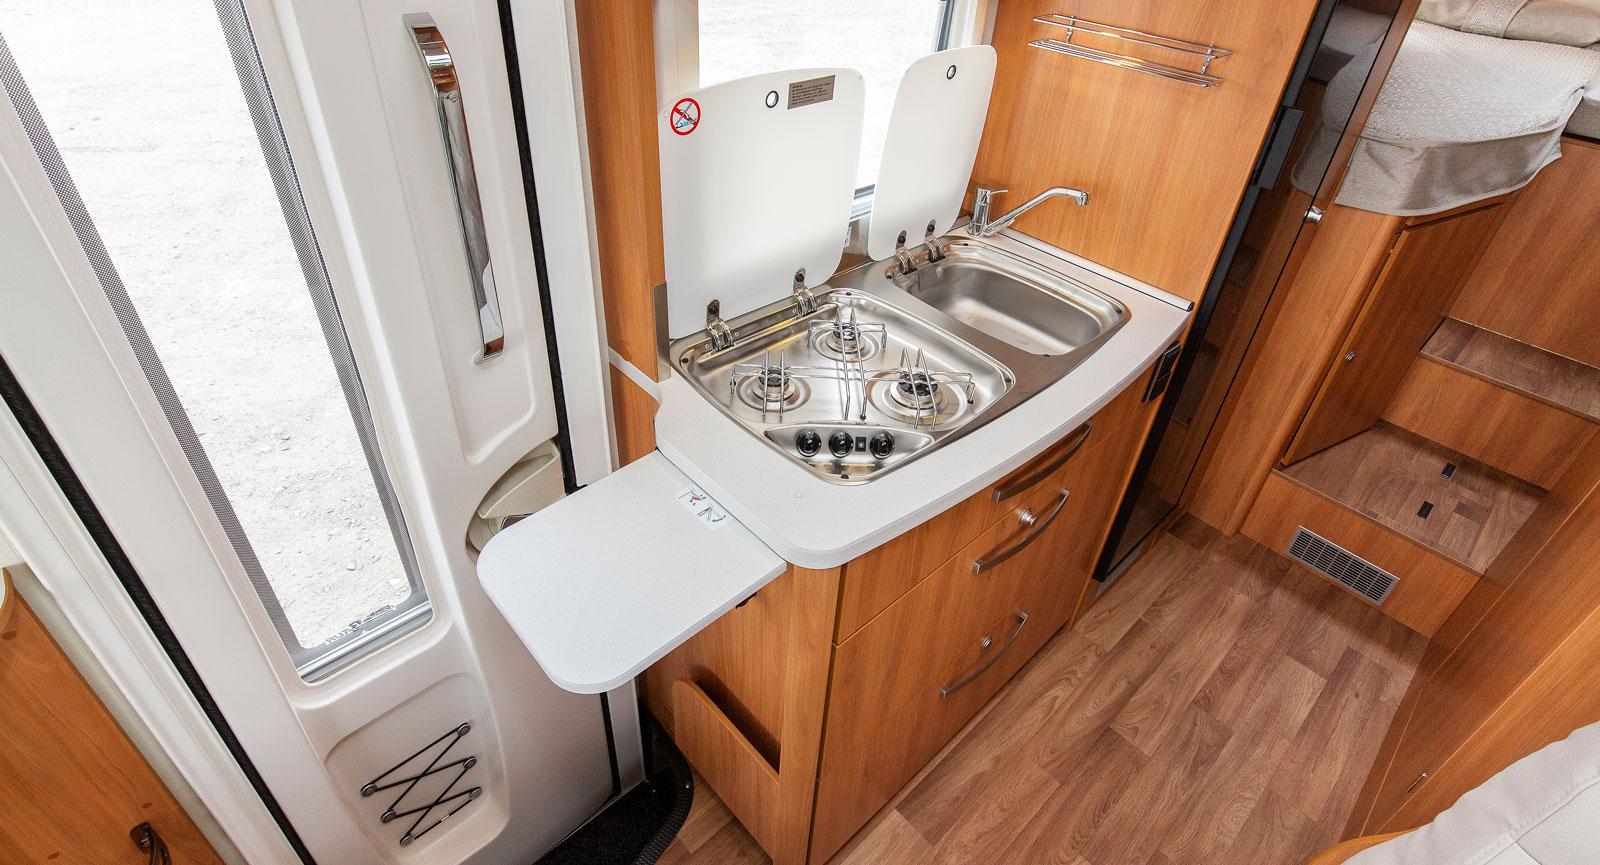 Köket är rakt och bänken upptas nästan helt av spis och diskho. Täckglas och extraskiva kan fällas upp vilket ger mer flexibilitet.